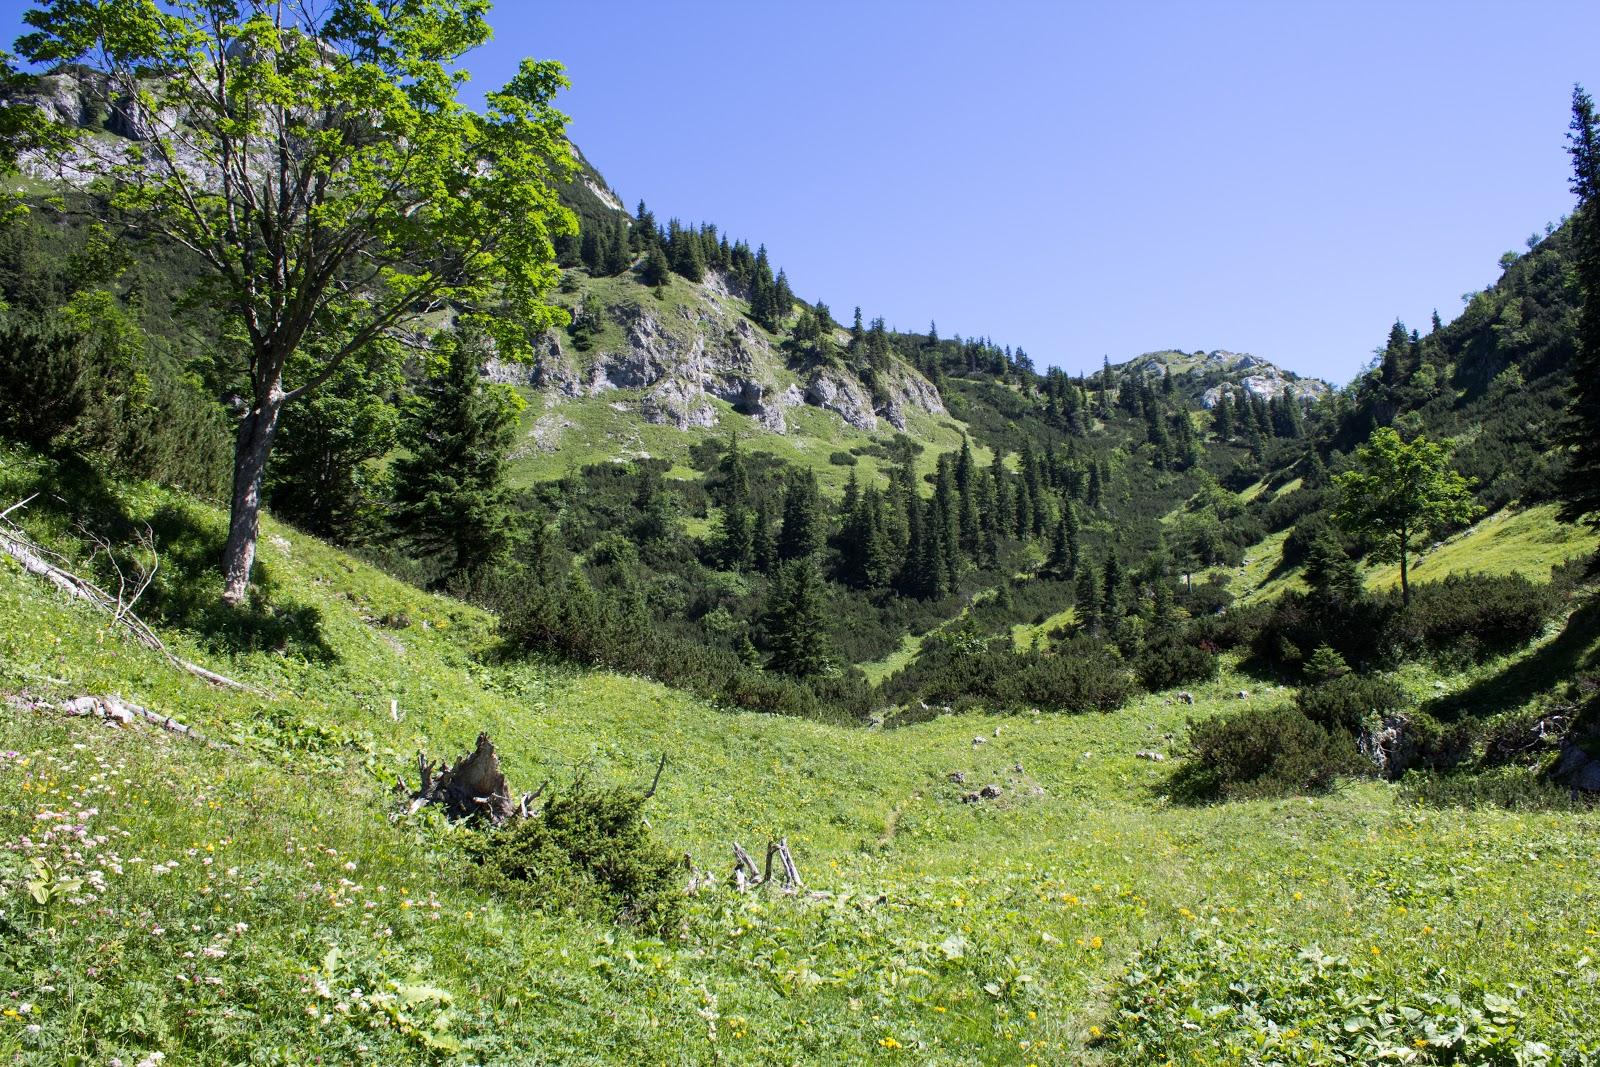 Zweitägige Wanderung von der Gsollkehre in Eisenerz über die Gsollalm zum Brandstein und weiter über Fobisalm und Hinterseeau zum Leopoldsteinersee - Bärenloch